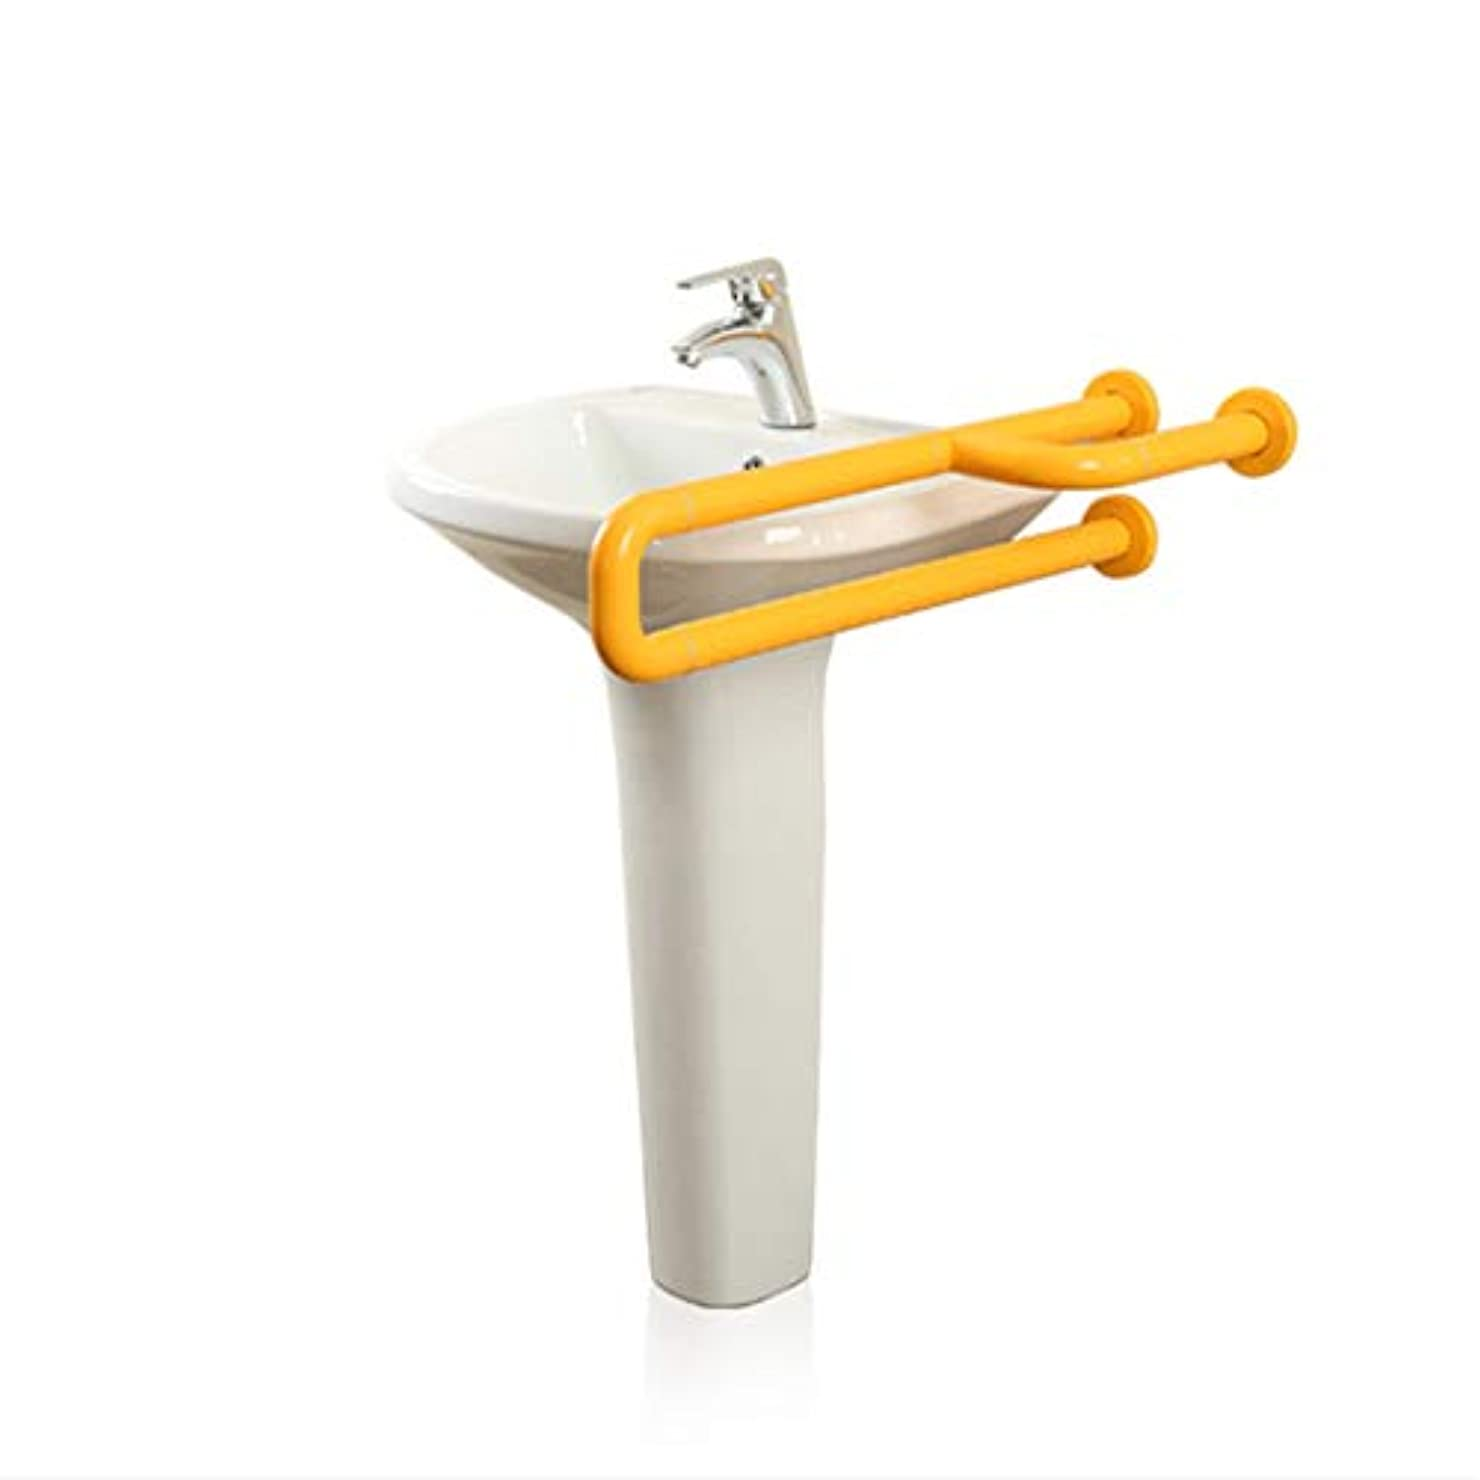 セットアップキャンドル拒絶する三叉のブラケットの U 字型の洗面所のフレームの柵は家およびホテルの環境保護 (ステンレス鋼上塗を施してあるナイロン) のためのサポート棒を扱う